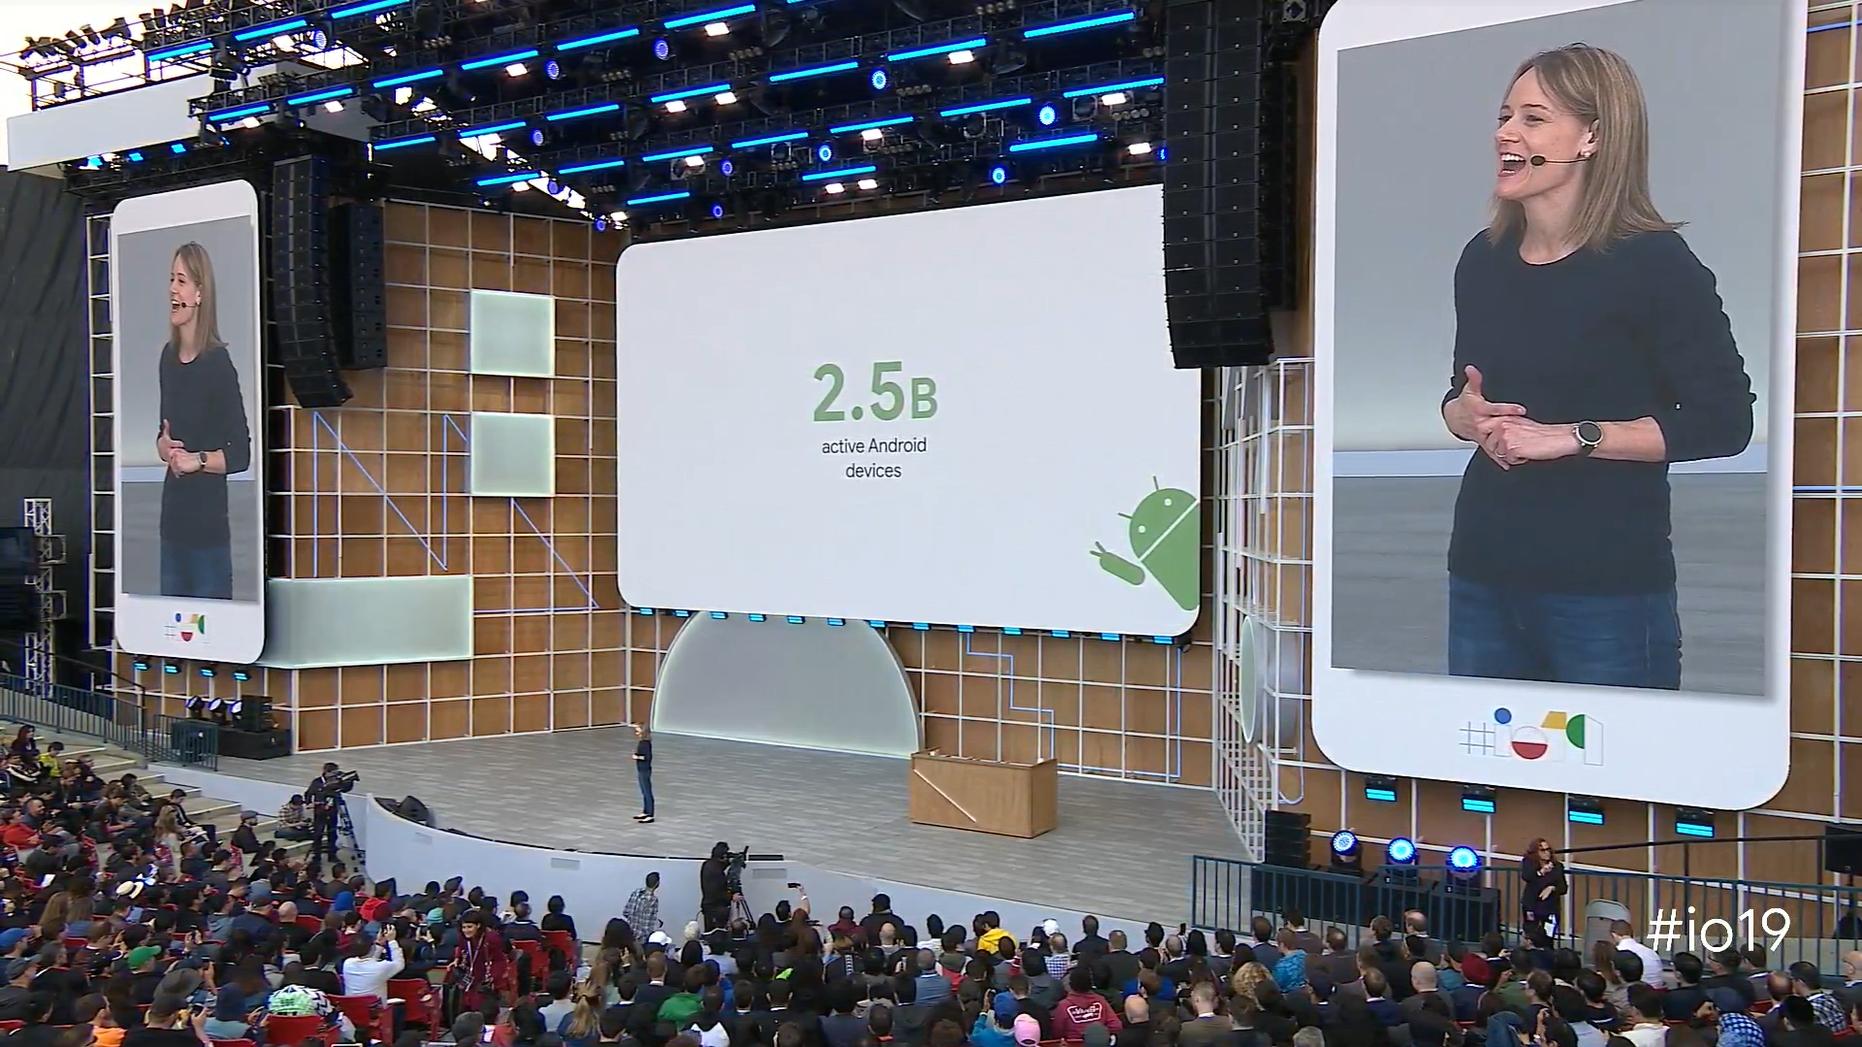 Google a profité de la Google I/O pour faire le point sur Android, et notamment le nombre d'appareils en circulation qui utilise le célèbre système d'exploitation.